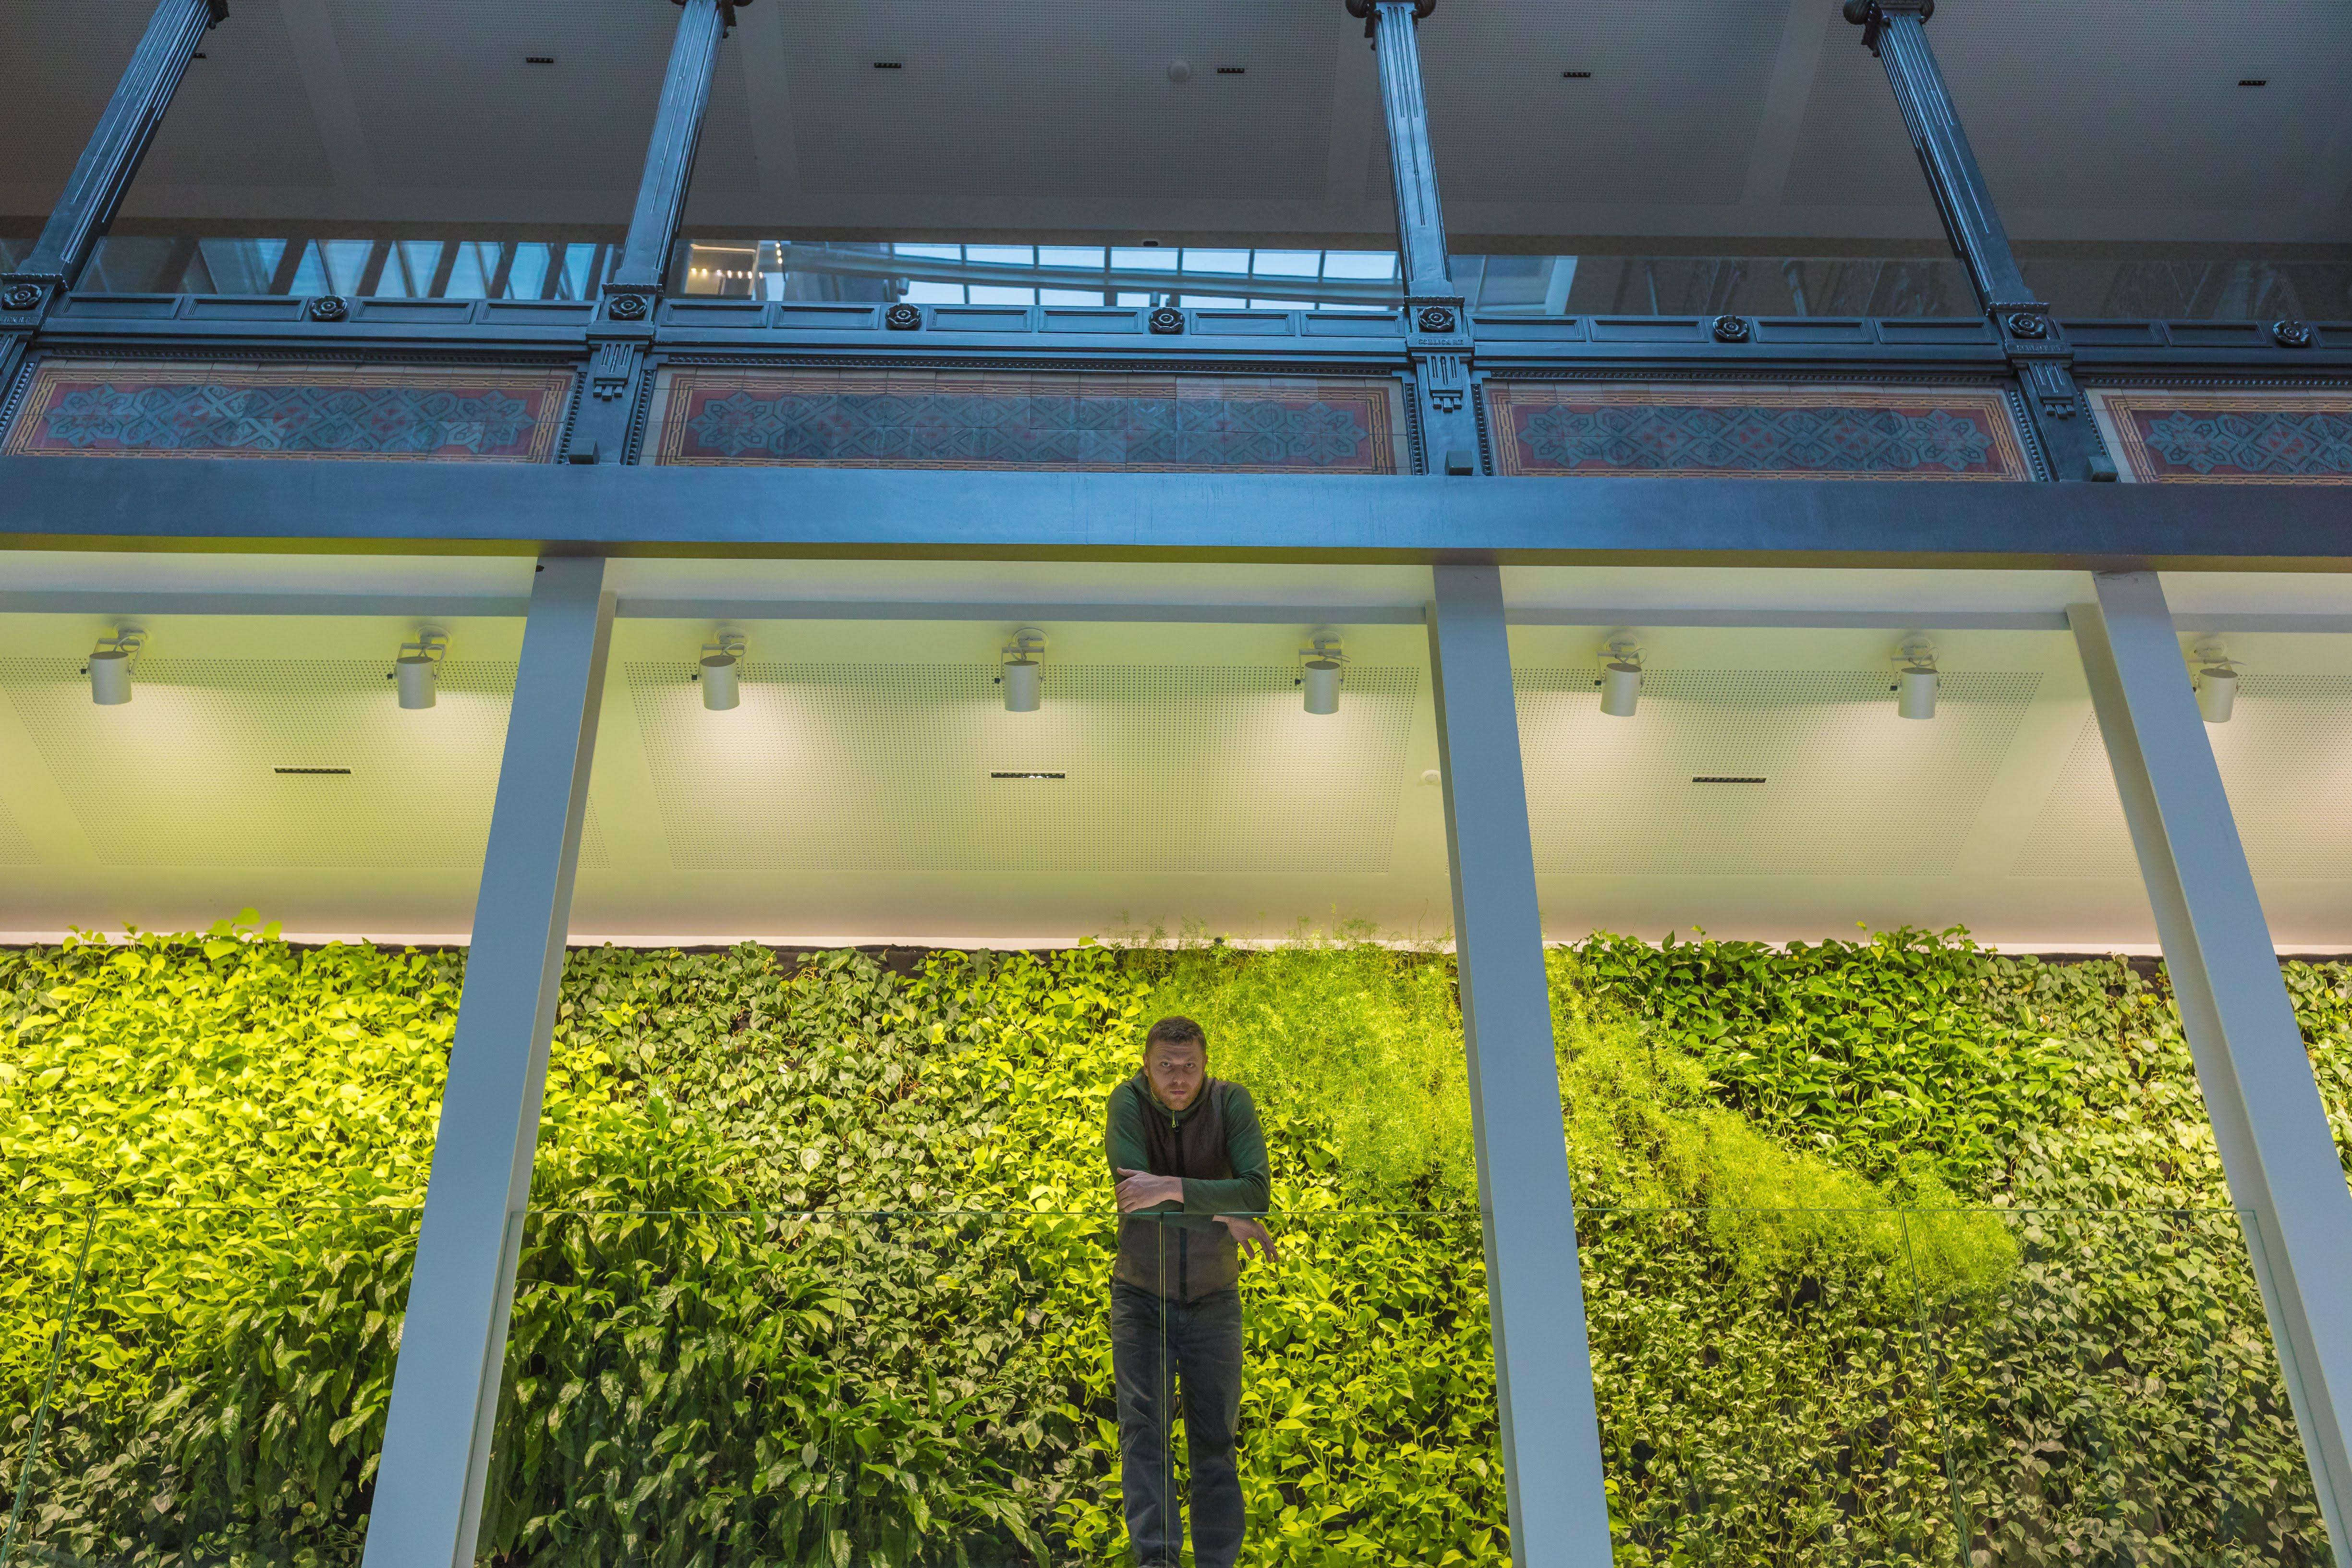 Iroda zöldítés mesterfokon, növényfallal – Grofie interjú